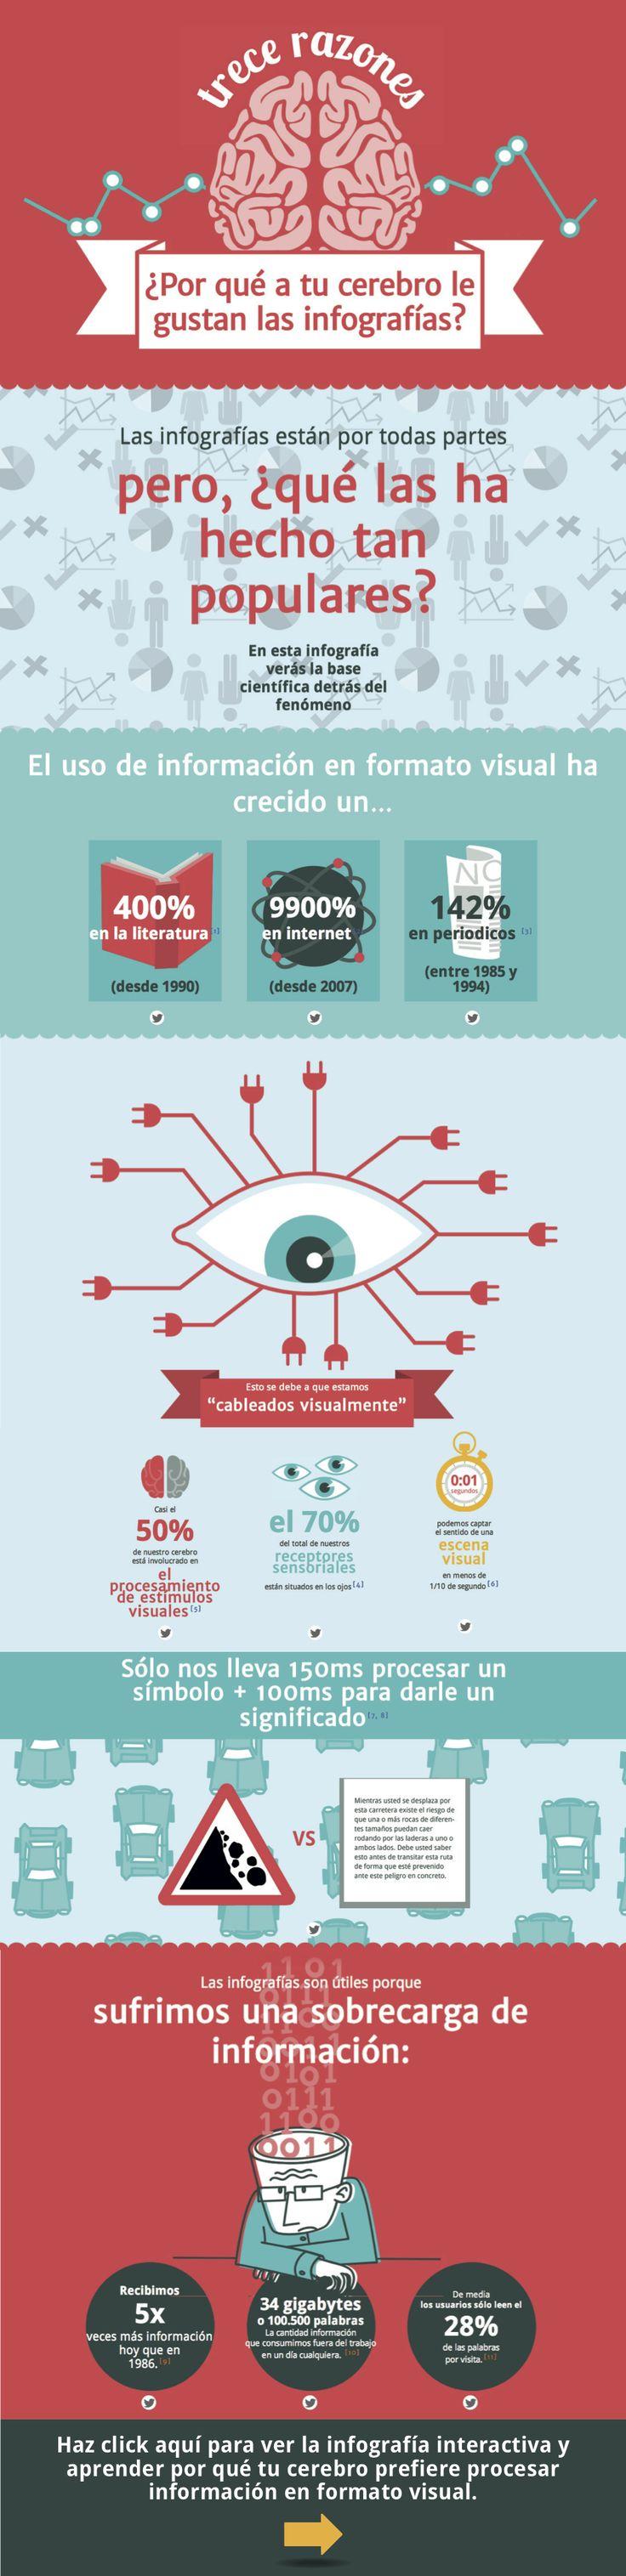 13 razones por las que a tu cerebro le gustan las infografías [Infografía]